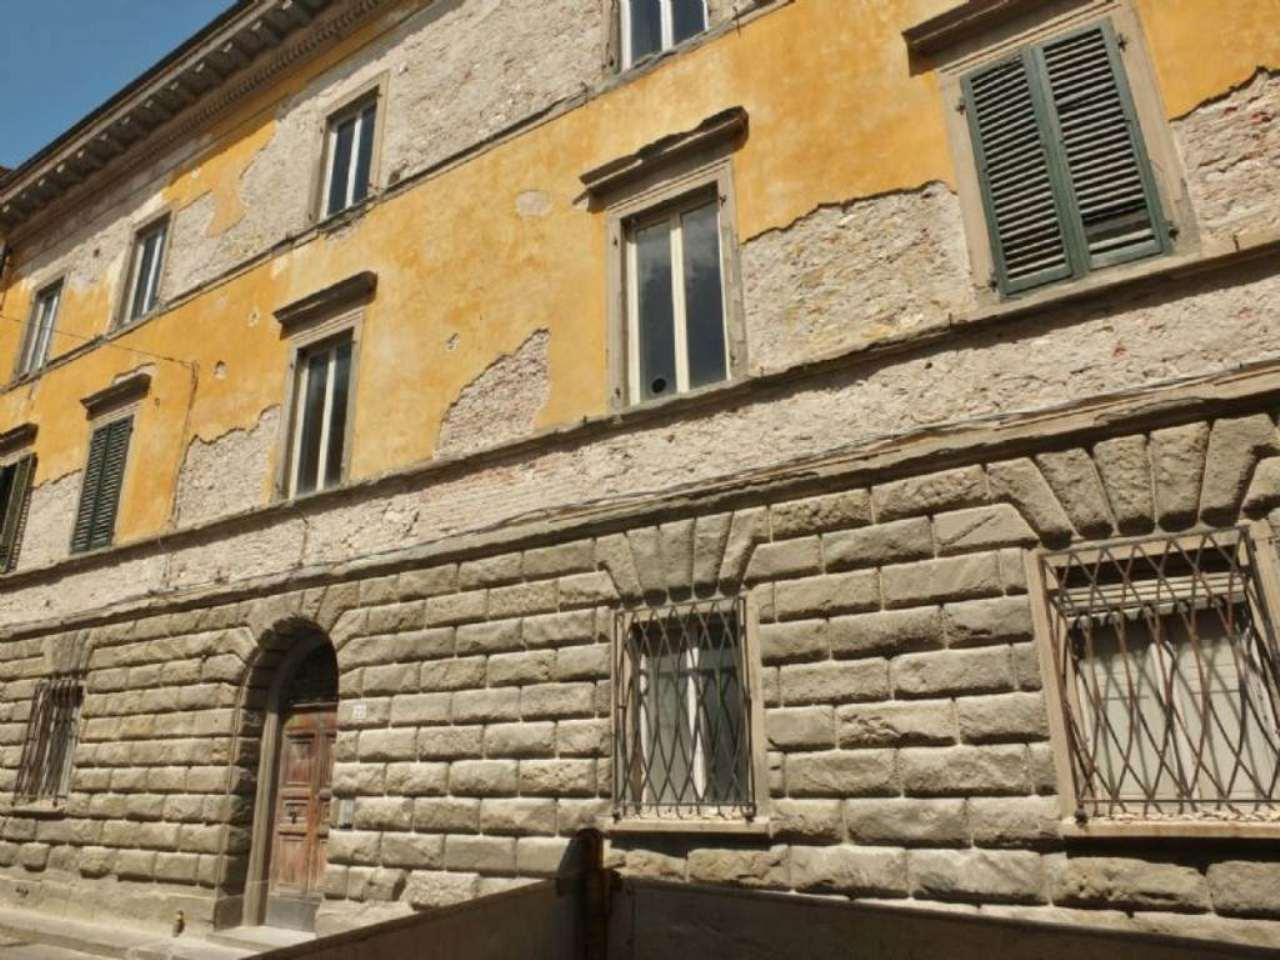 Palazzo / Stabile in vendita a Pisa, 56 locali, prezzo € 2.600.000 | Cambio Casa.it